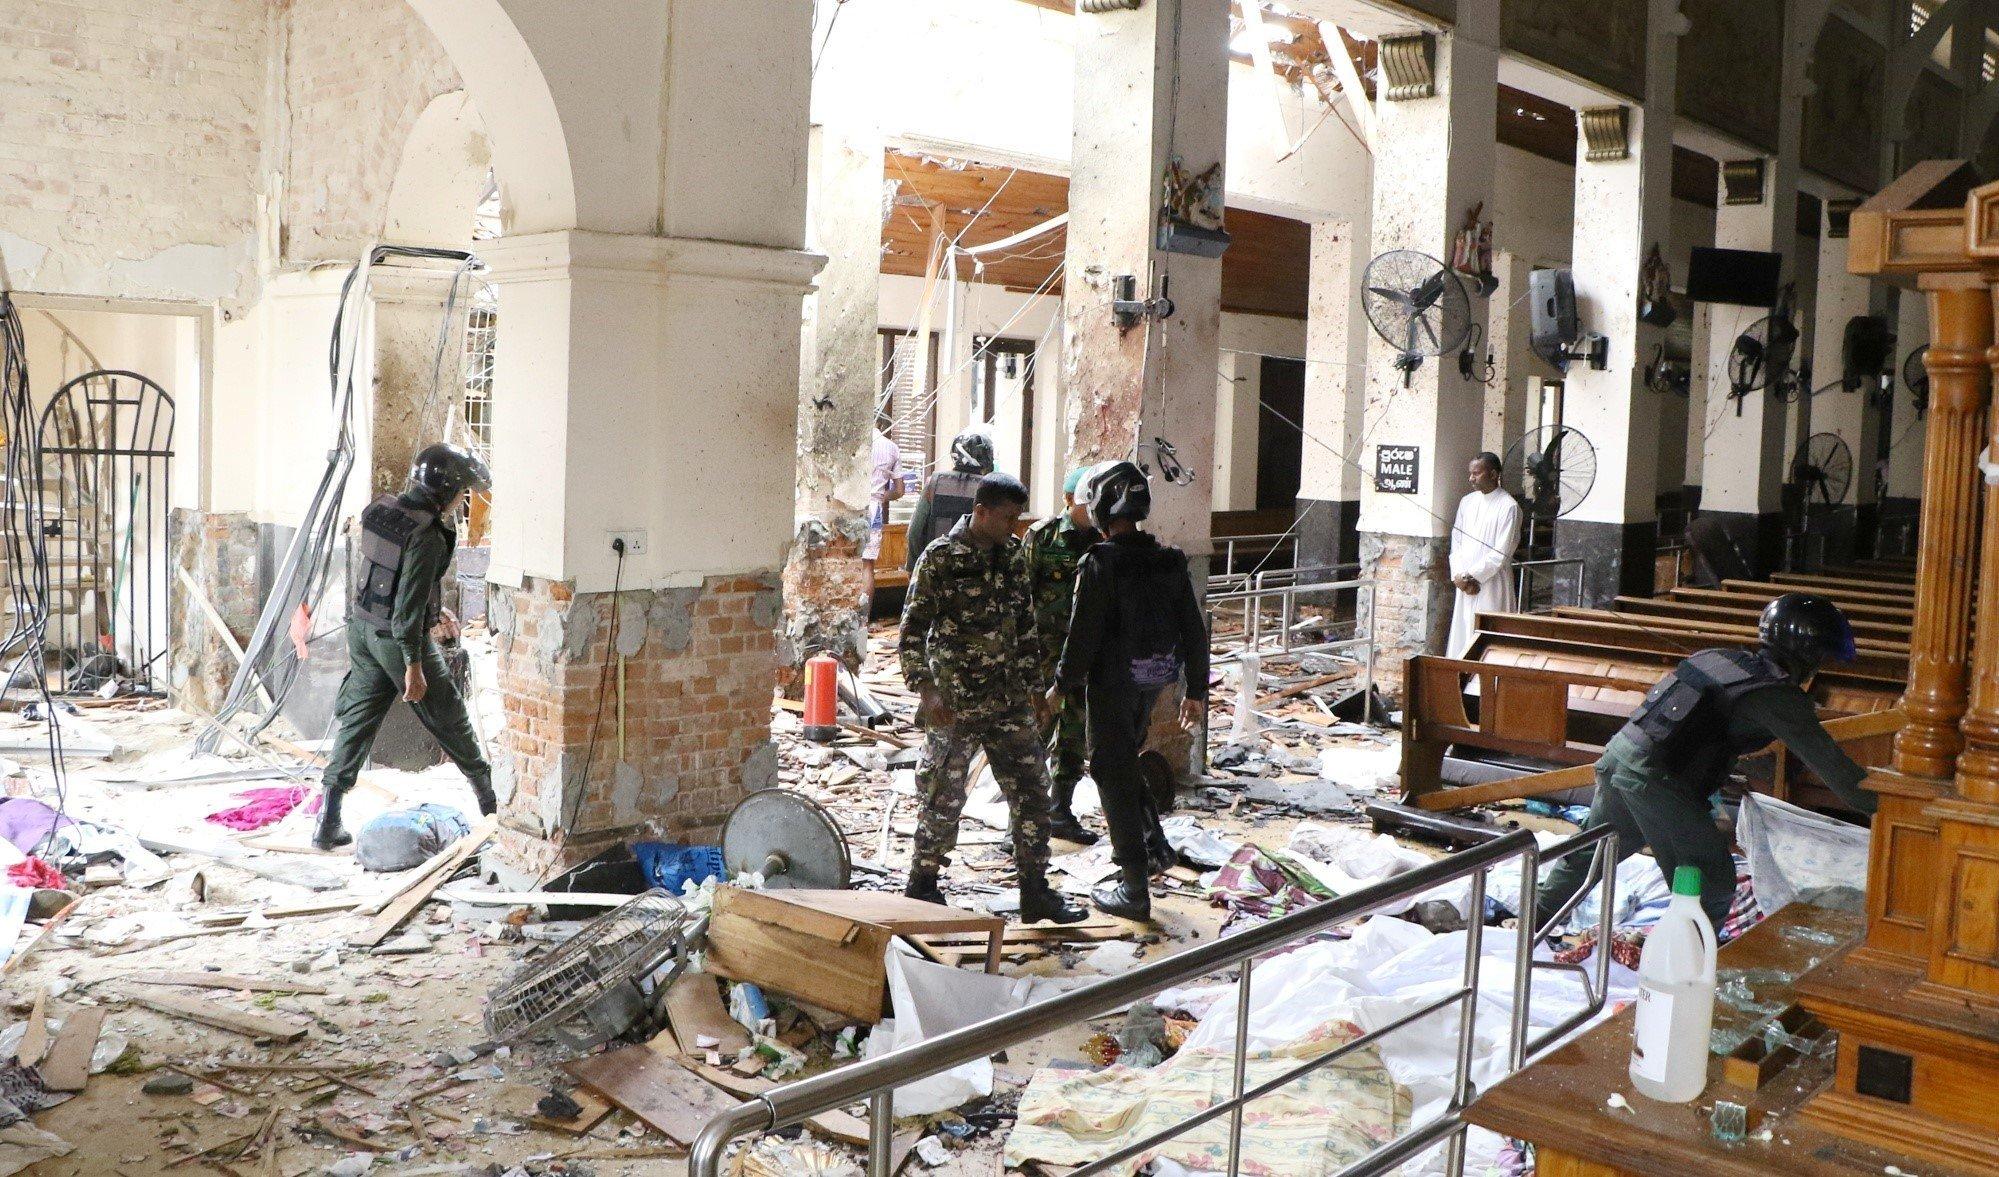 スリランカ、教会やホテルで爆発